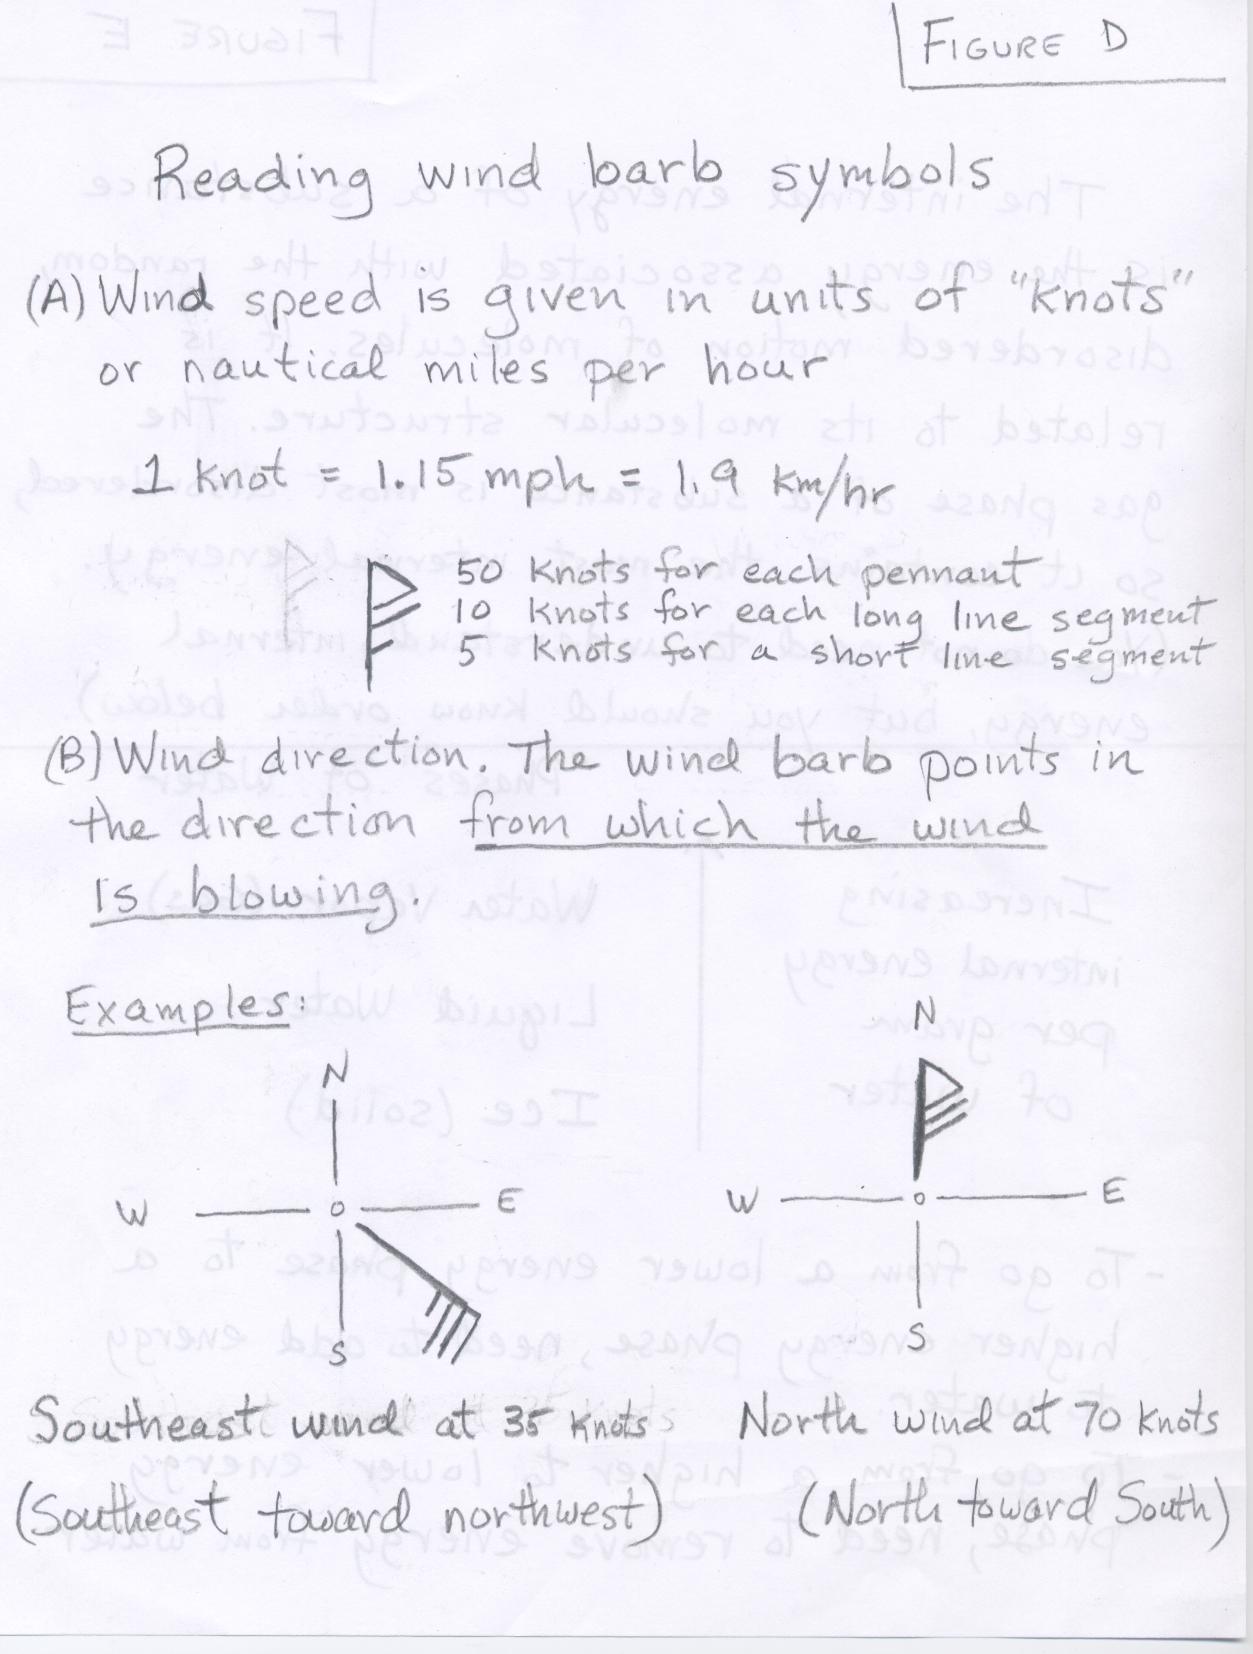 The Skew-T Diagram